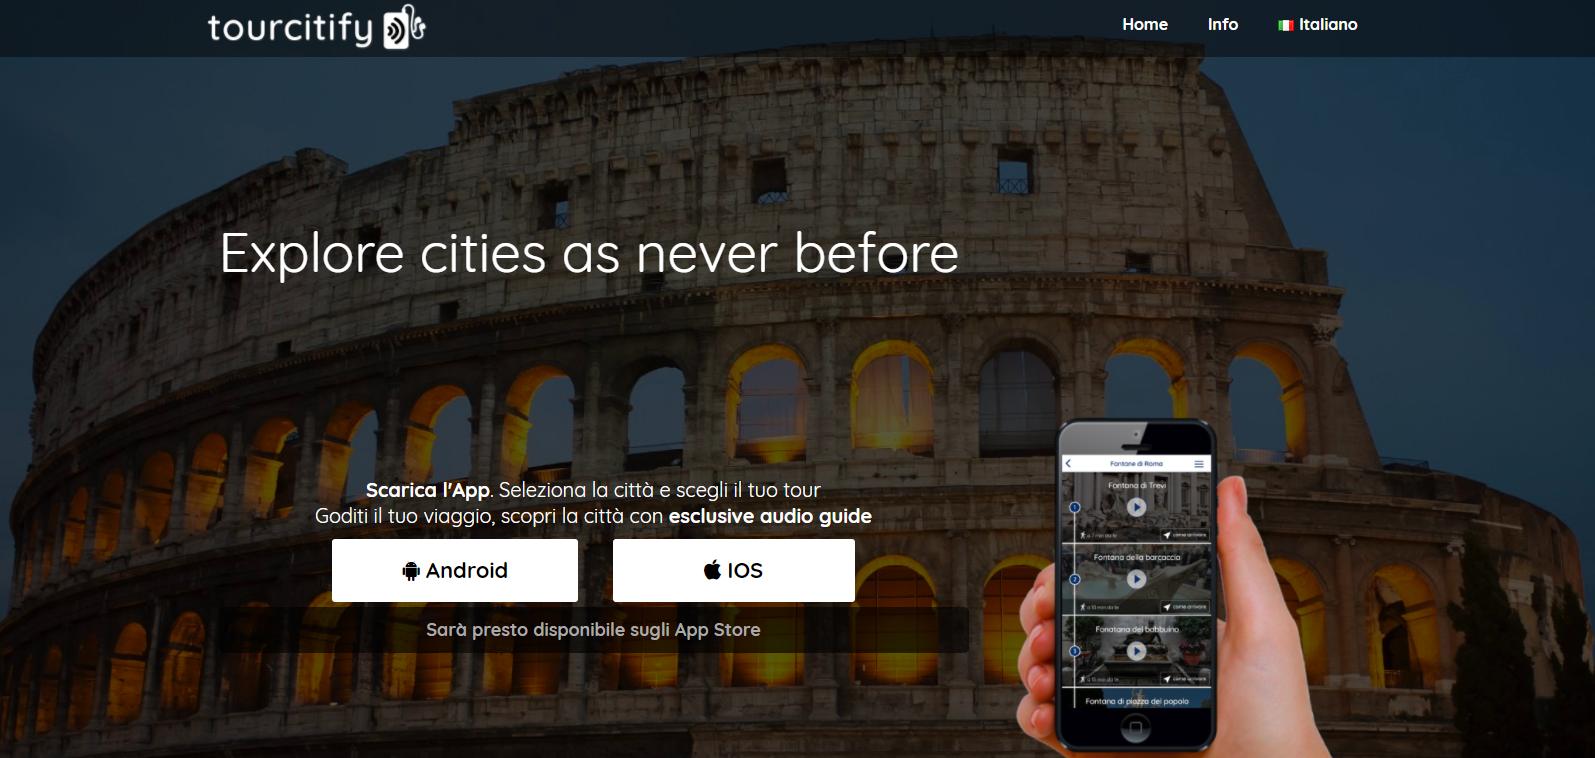 tourcitify